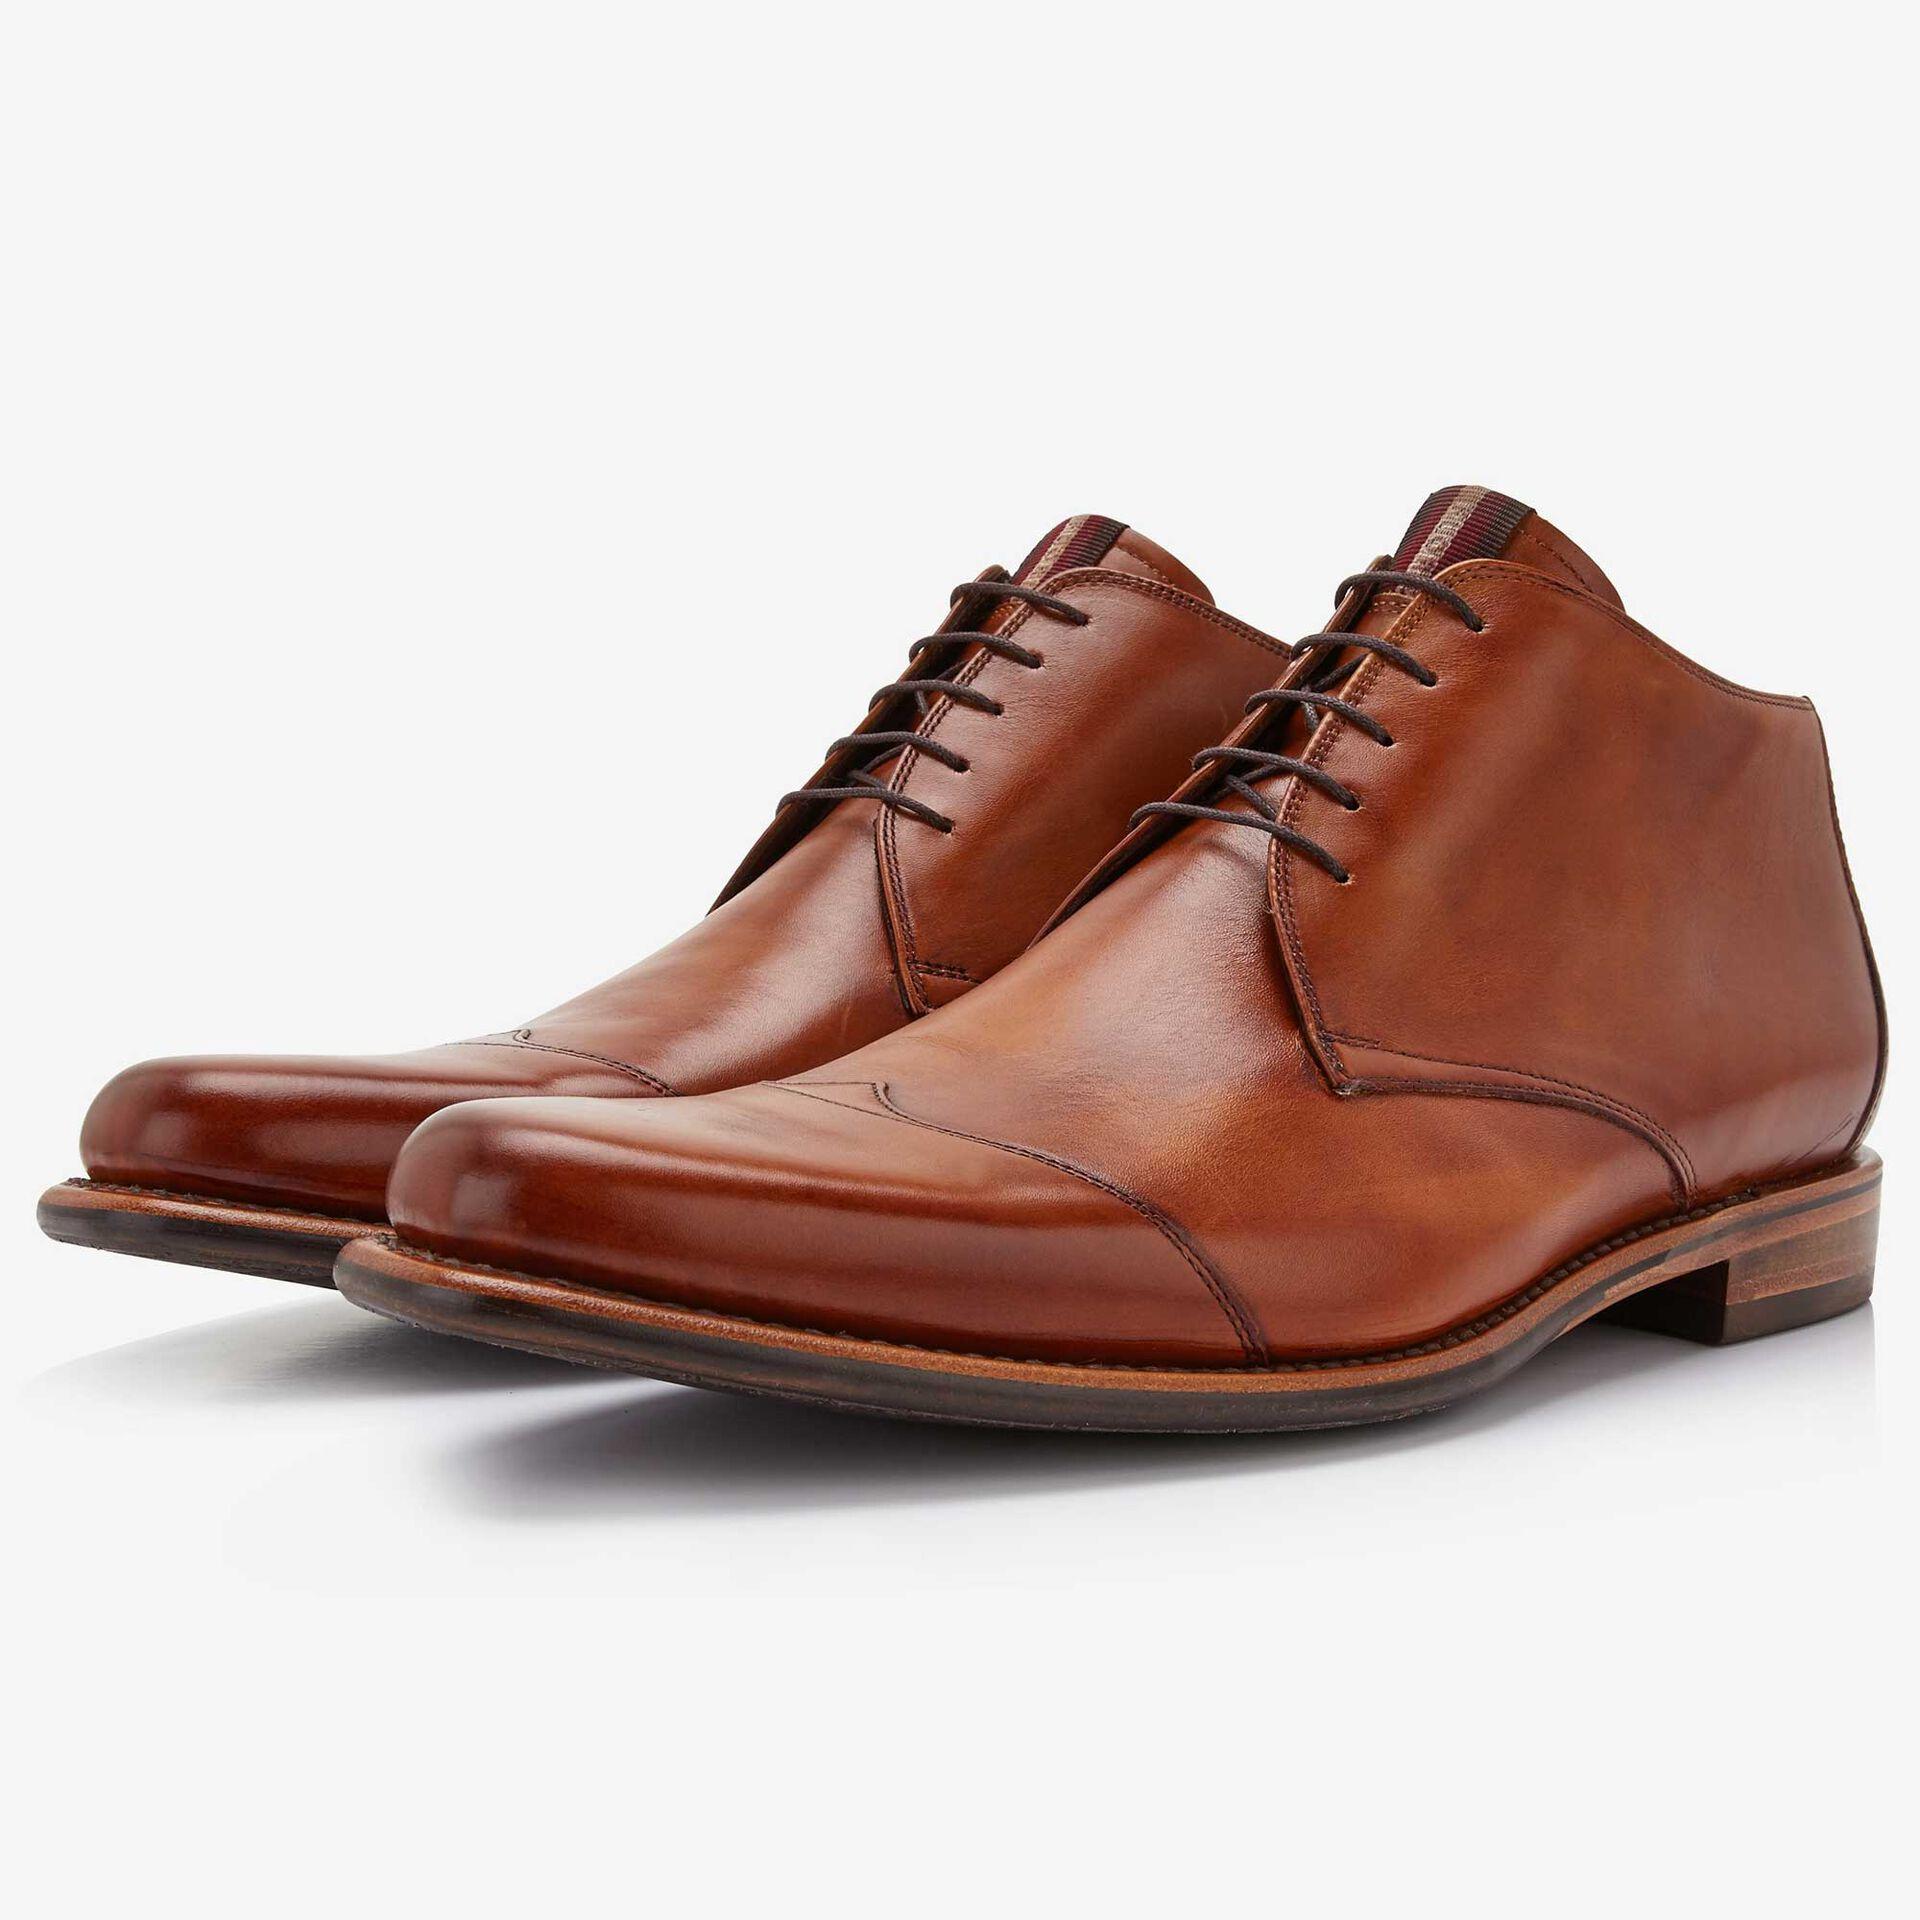 Floris van Bommel cognac coloured leather half-high men's lace-up boot